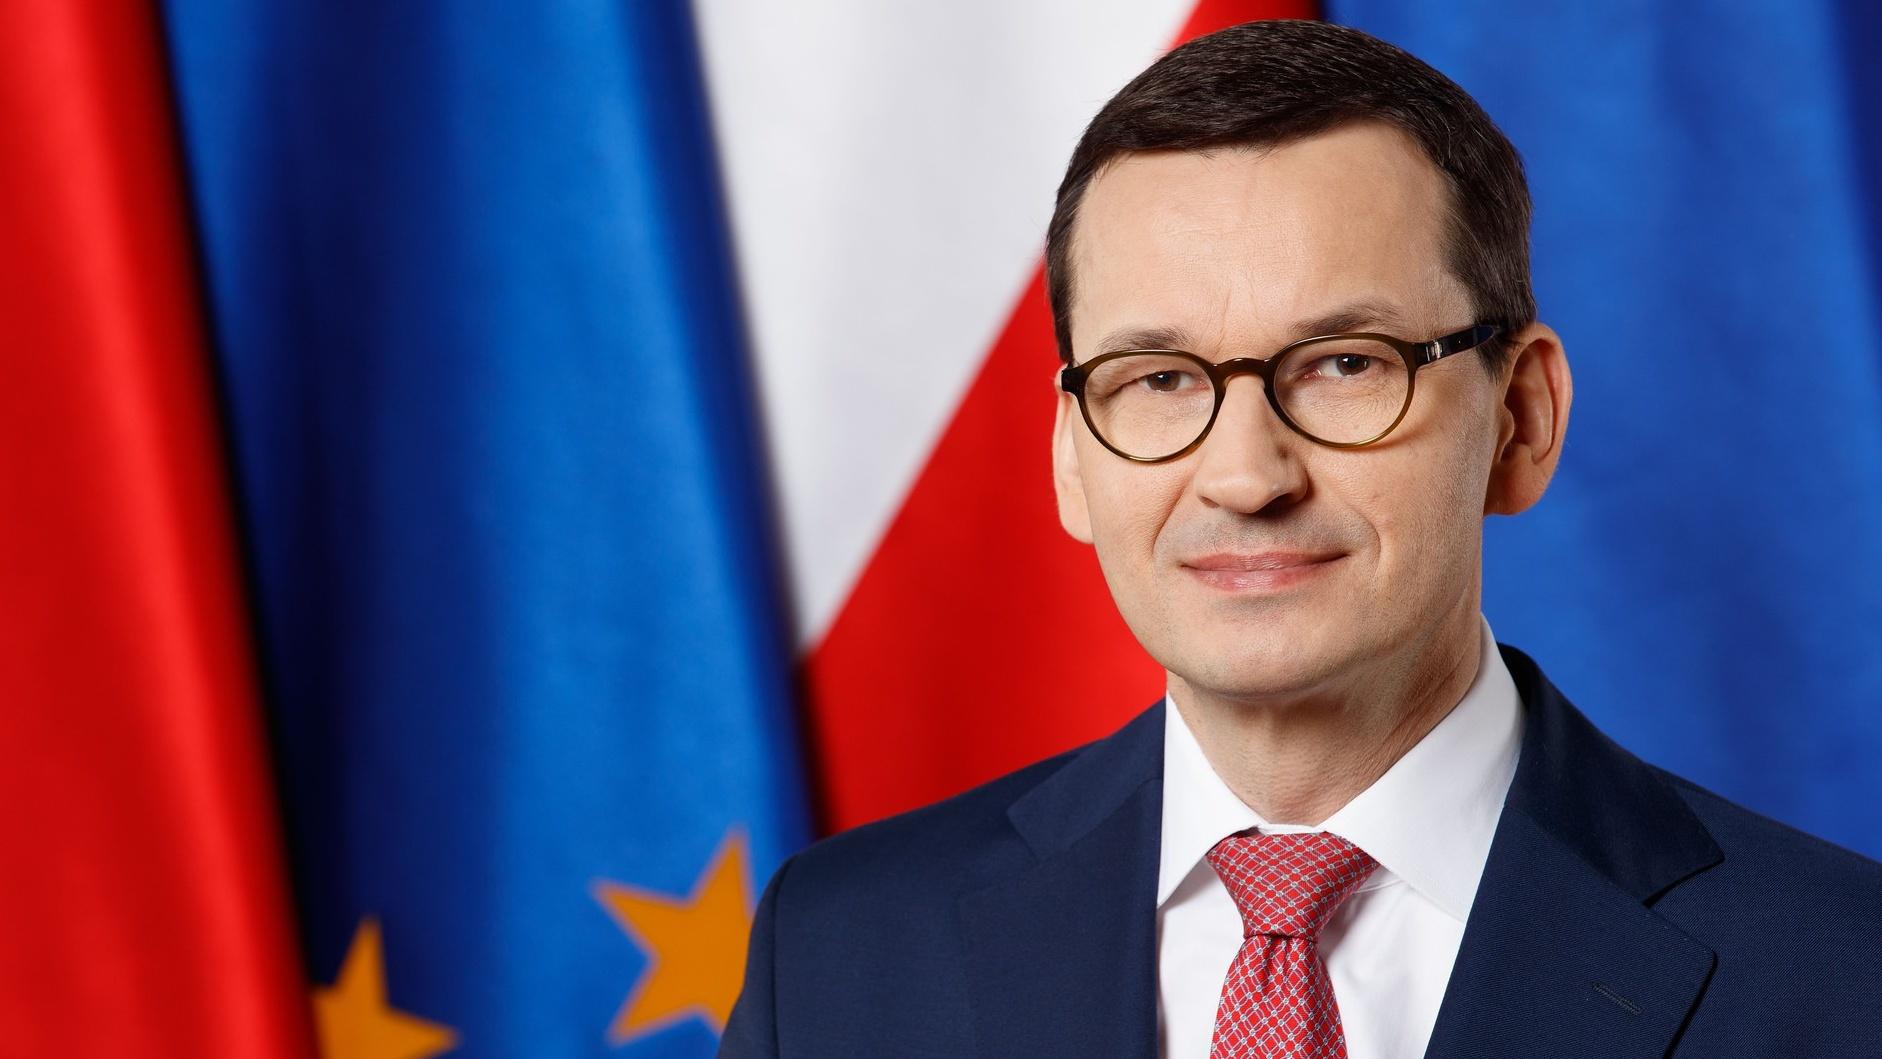 Morawiecki: Majątek polityków powinien być jawny. Jeszcze niedawno go ukrył